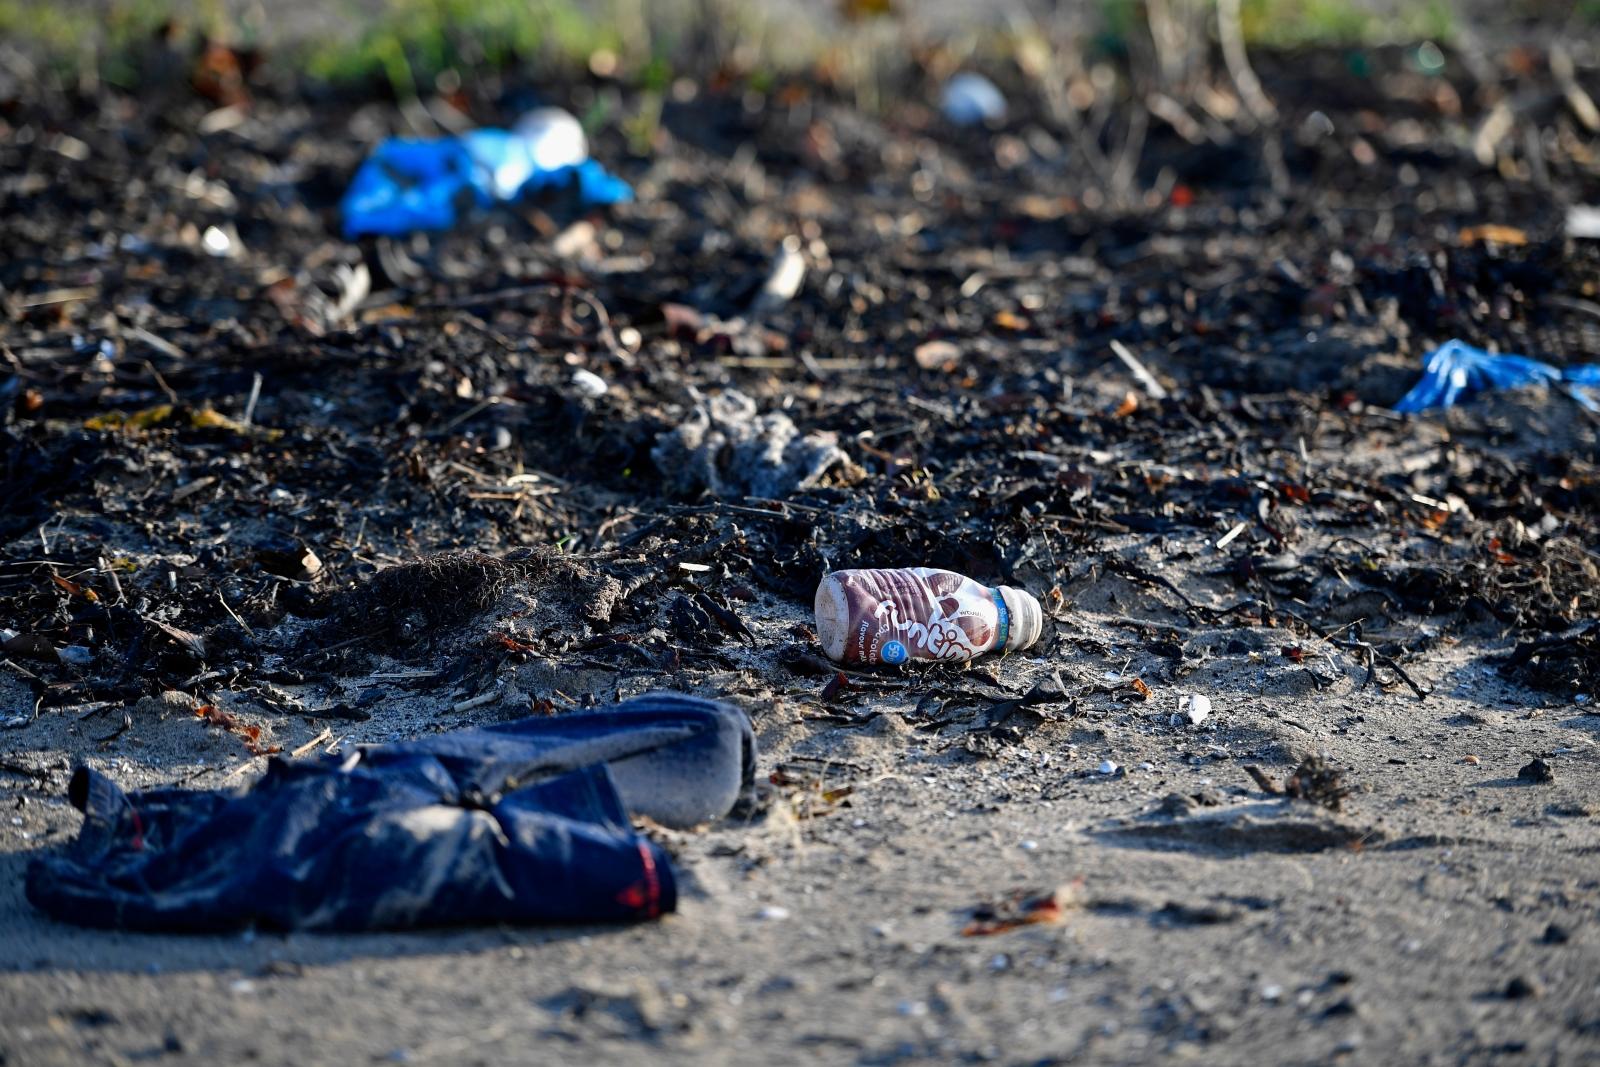 Nurdles plastic beaches